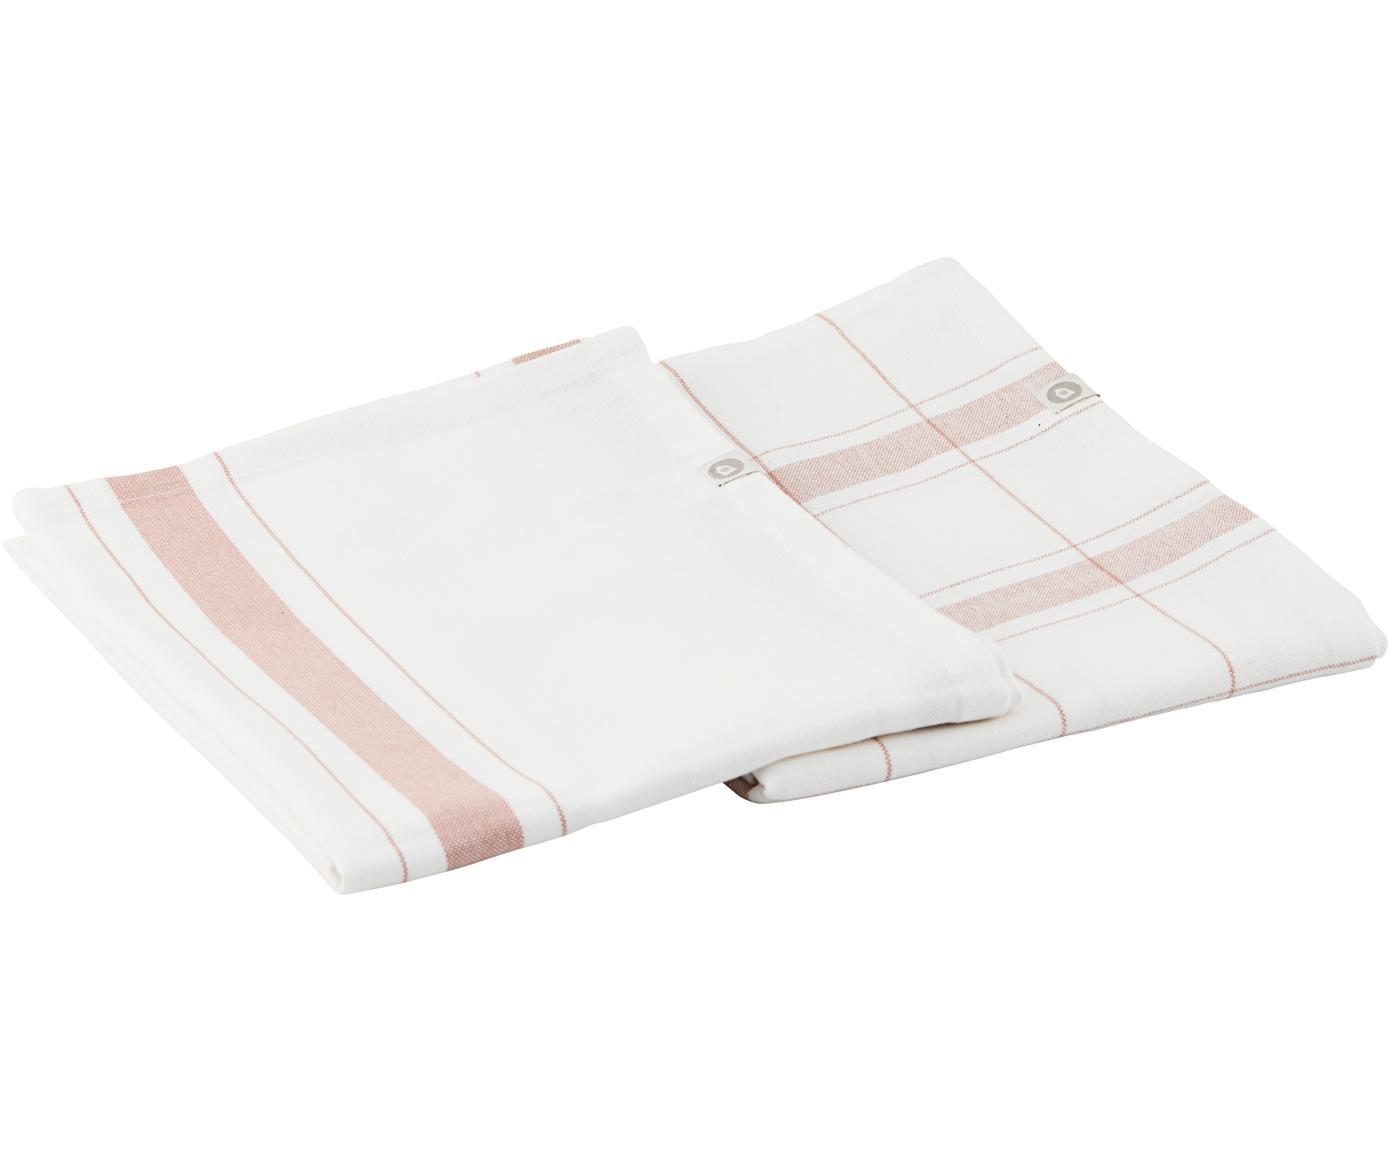 Geschirrtücher Halida mit Streifen und Karomuster, 2 Stück, 100% Baumwolle, Weiß, Nougatbraun, 55 x 75 cm